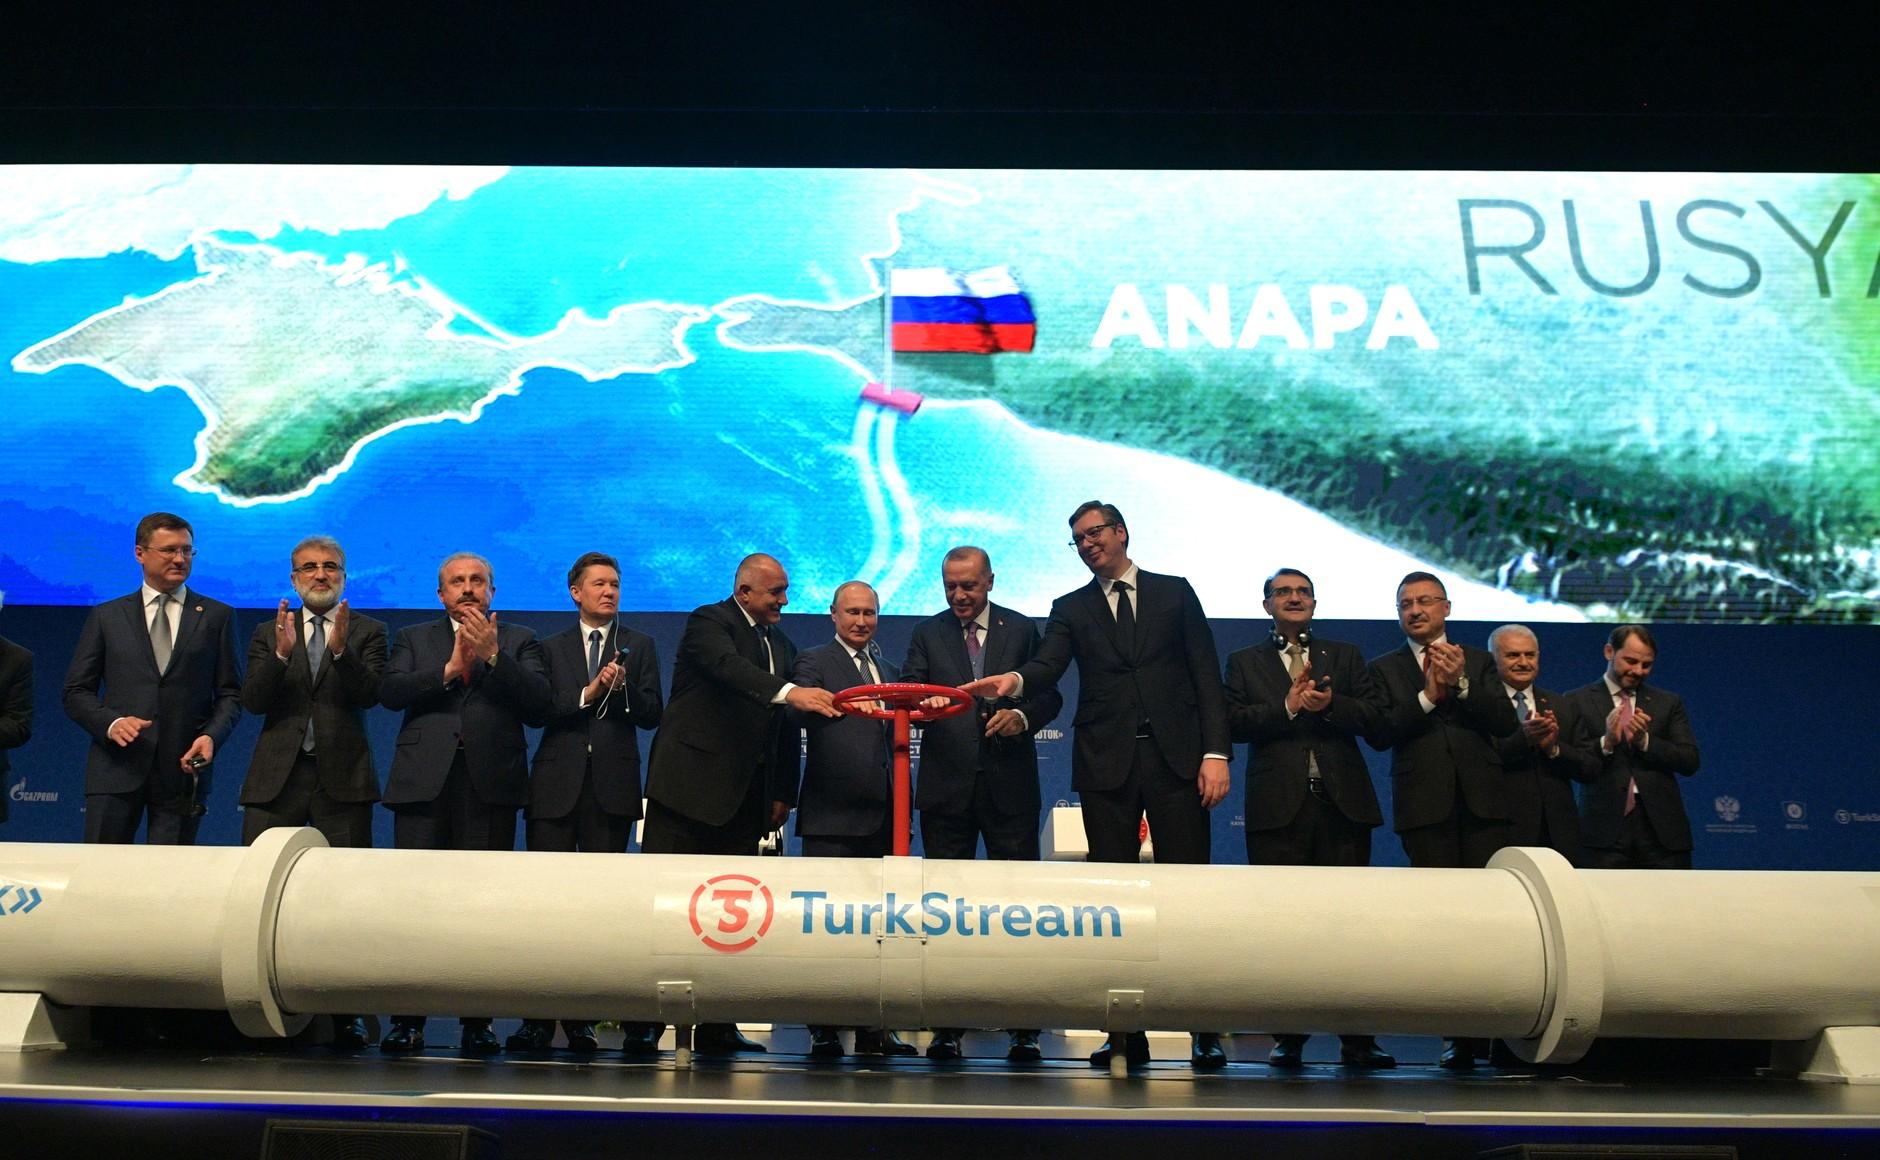 土耳其和俄羅斯簽訂「土耳其溪」管線計畫(TurkStream)(圖/克里姆林宮)